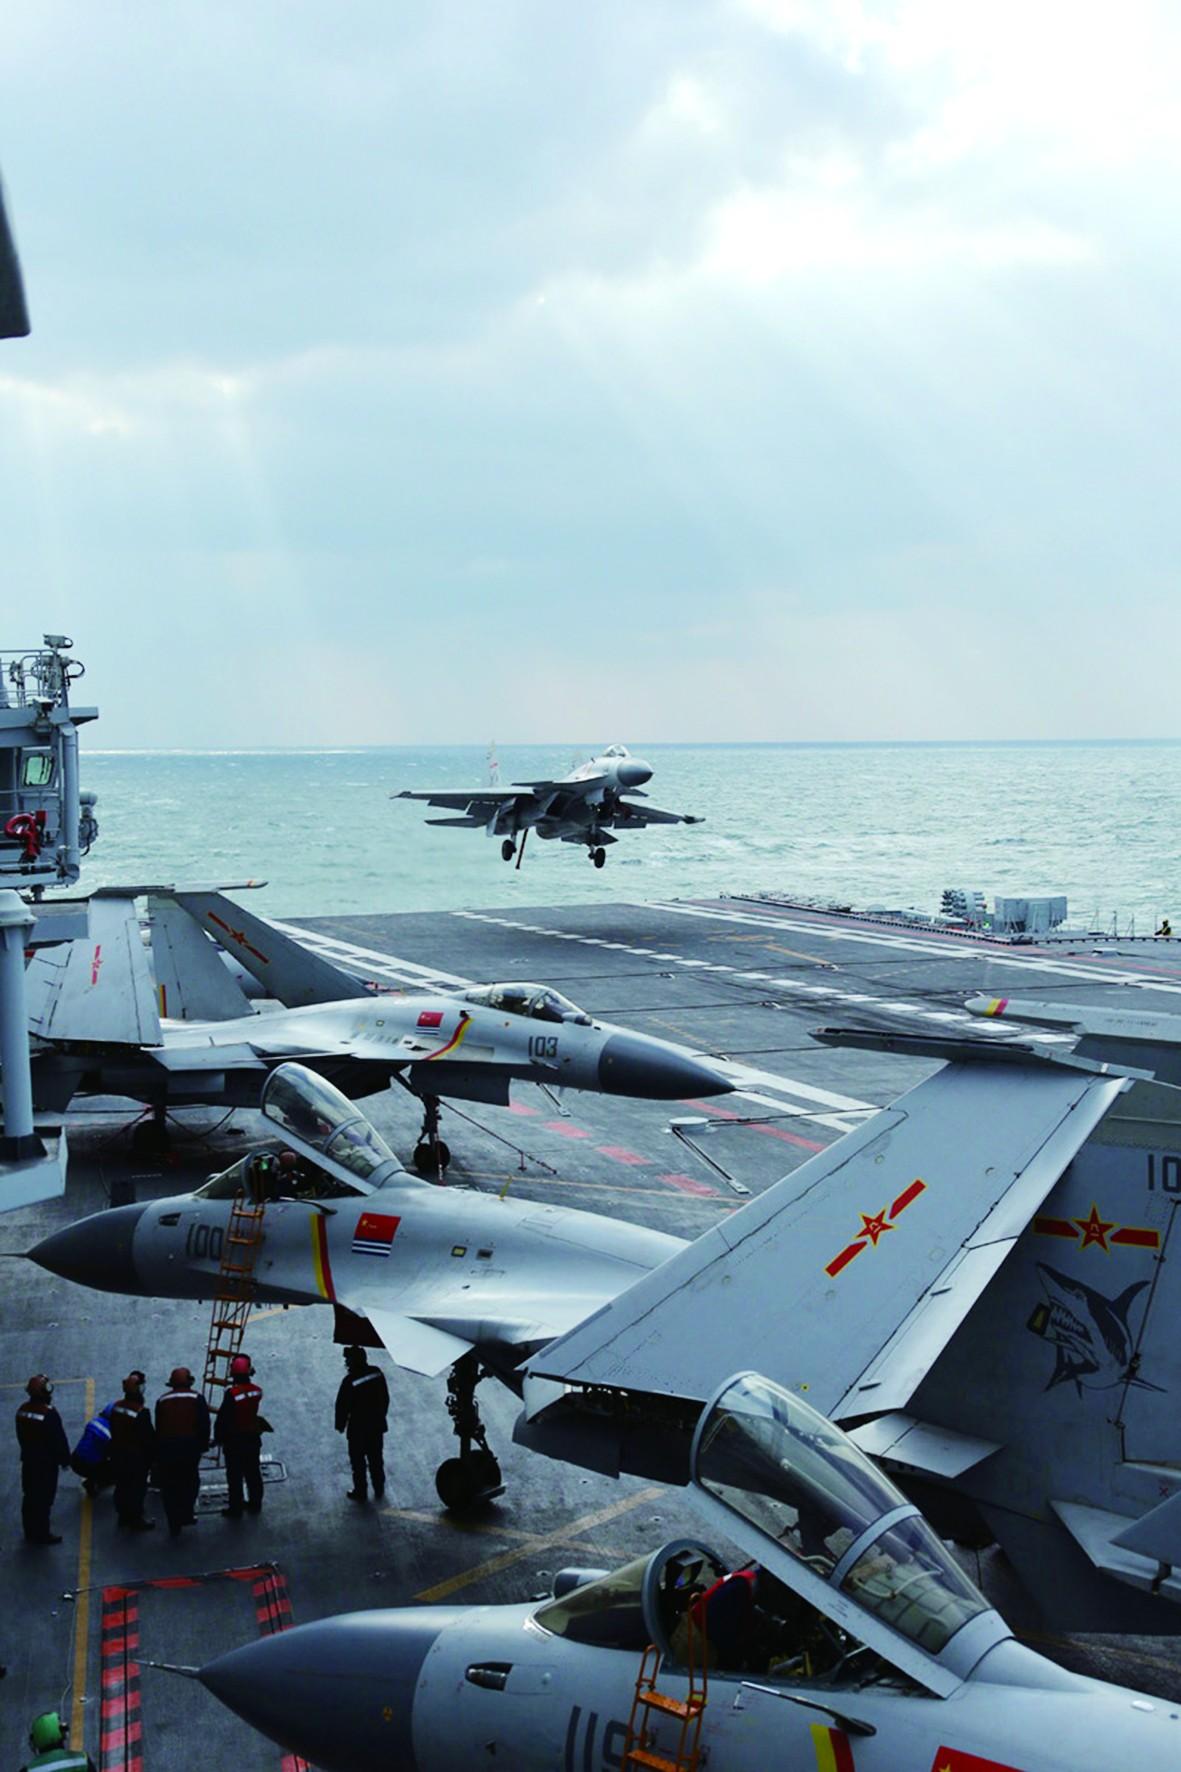 中国航母编队赴南海_中国航母战斗群赴西太远航 与美俄比怎么样?_中国军情_军事 ...